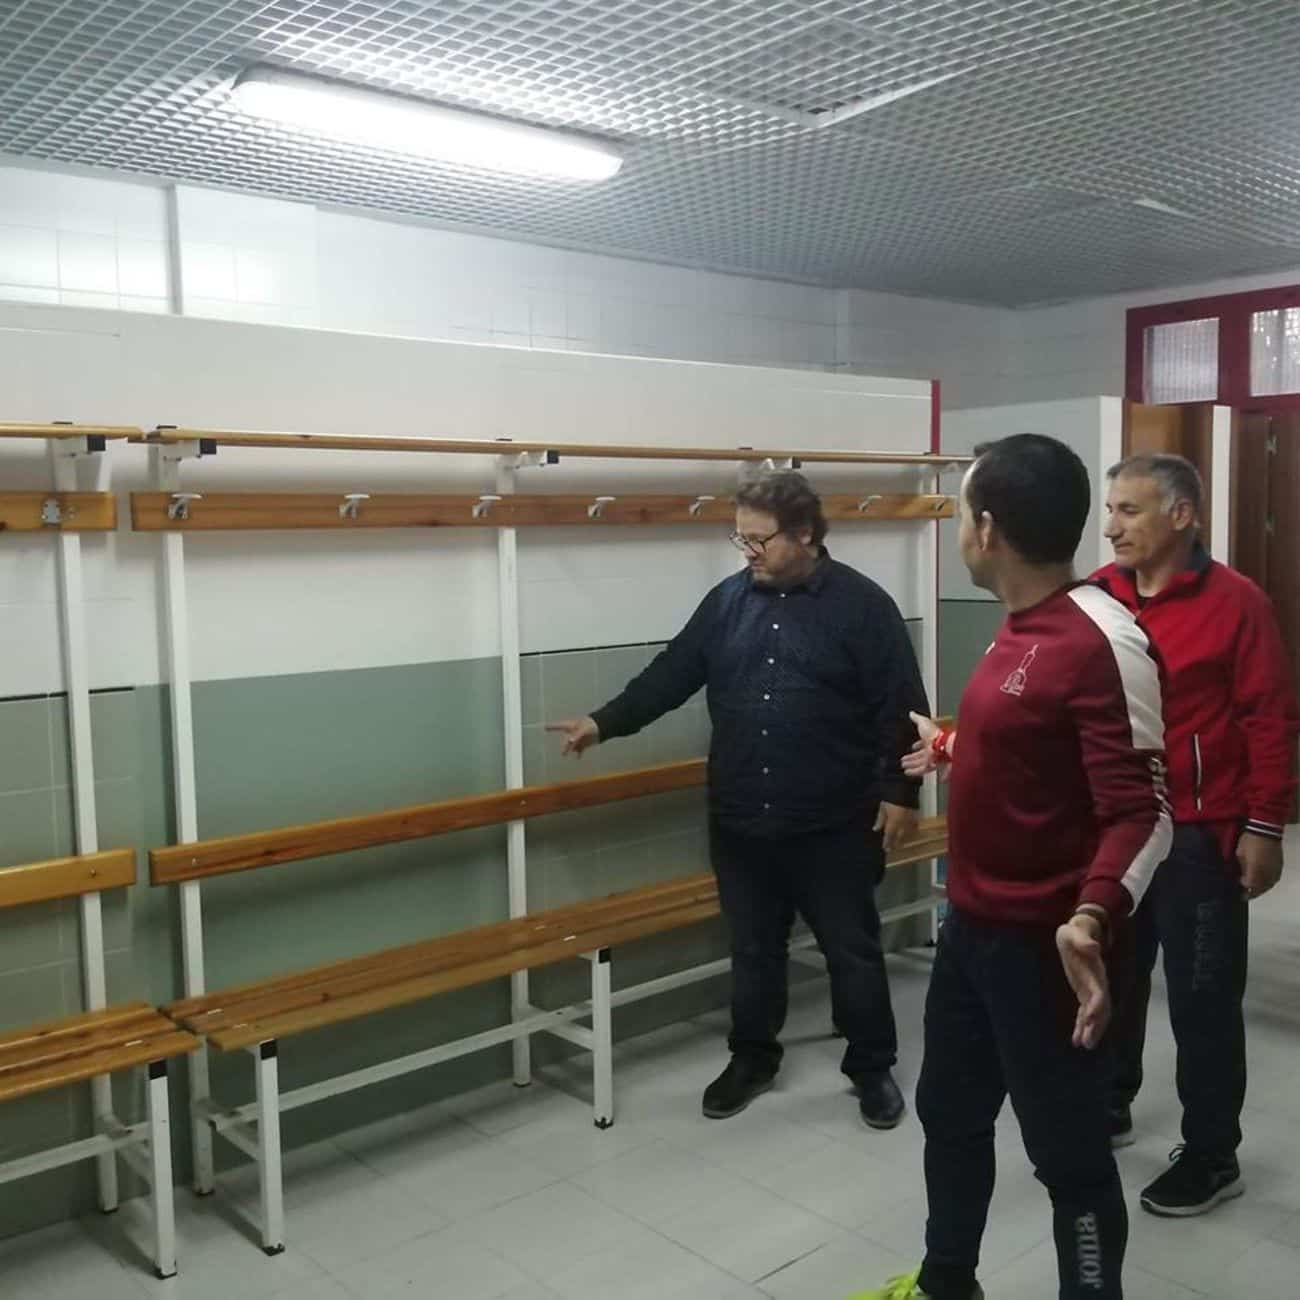 mejoras campo futbol herencia 8 - Mejoras en las instalaciones del campo de fútbol de Herencia